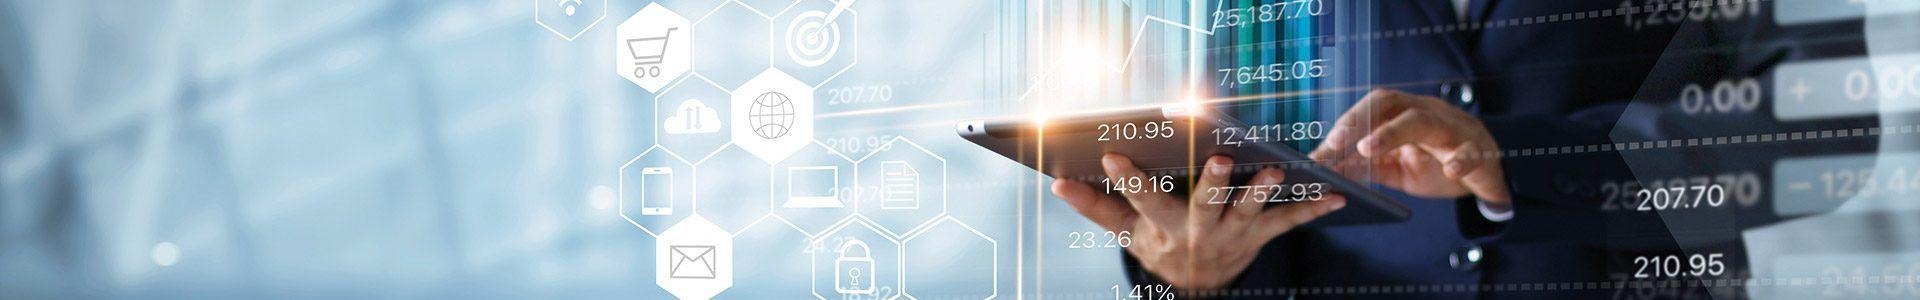 top 6 digitale en online marketing trends